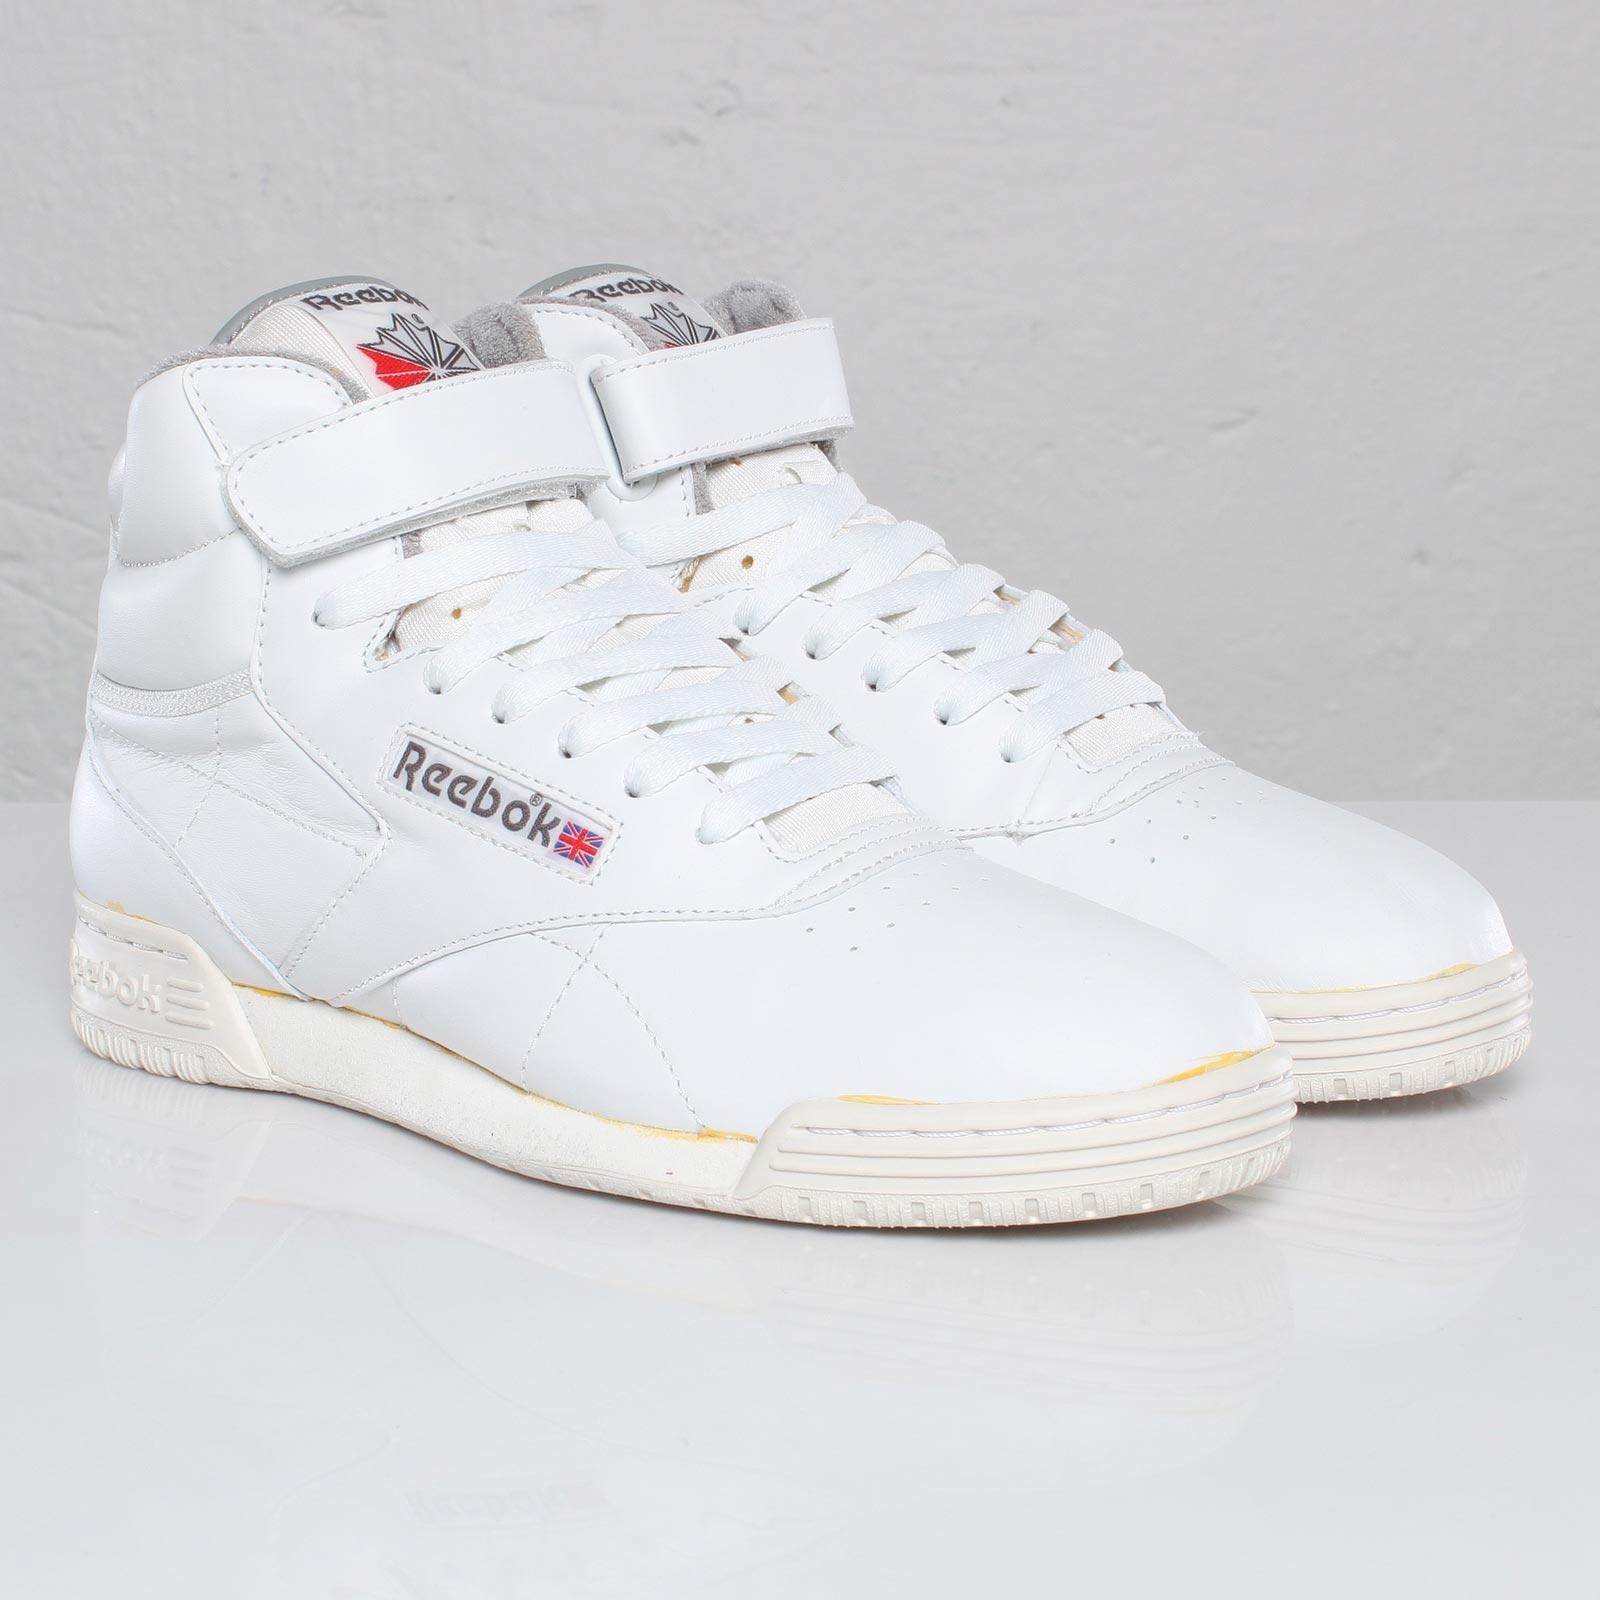 8d2bf3d6e09 Reebok Ex-O-Fit Clean Hi Vintage - 102573 - Sneakersnstuff ...